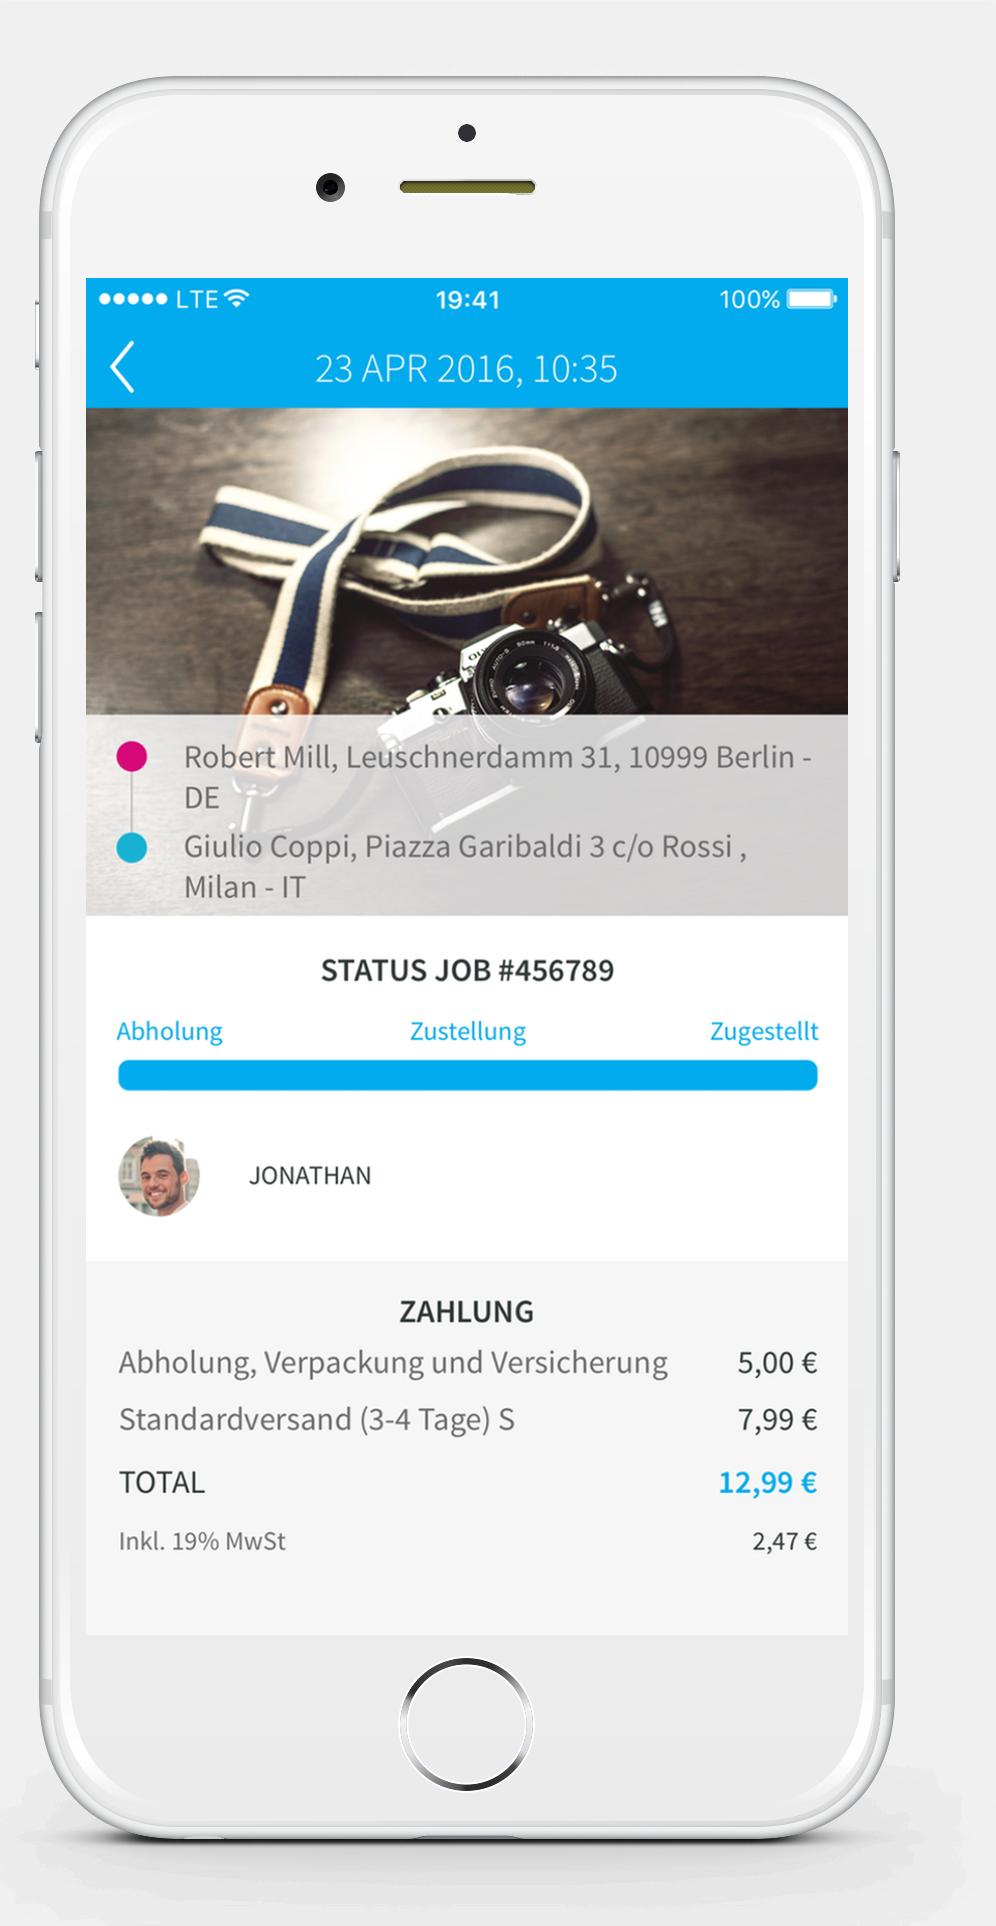 iPhone_weiss_jobdetails_freigestellt.png